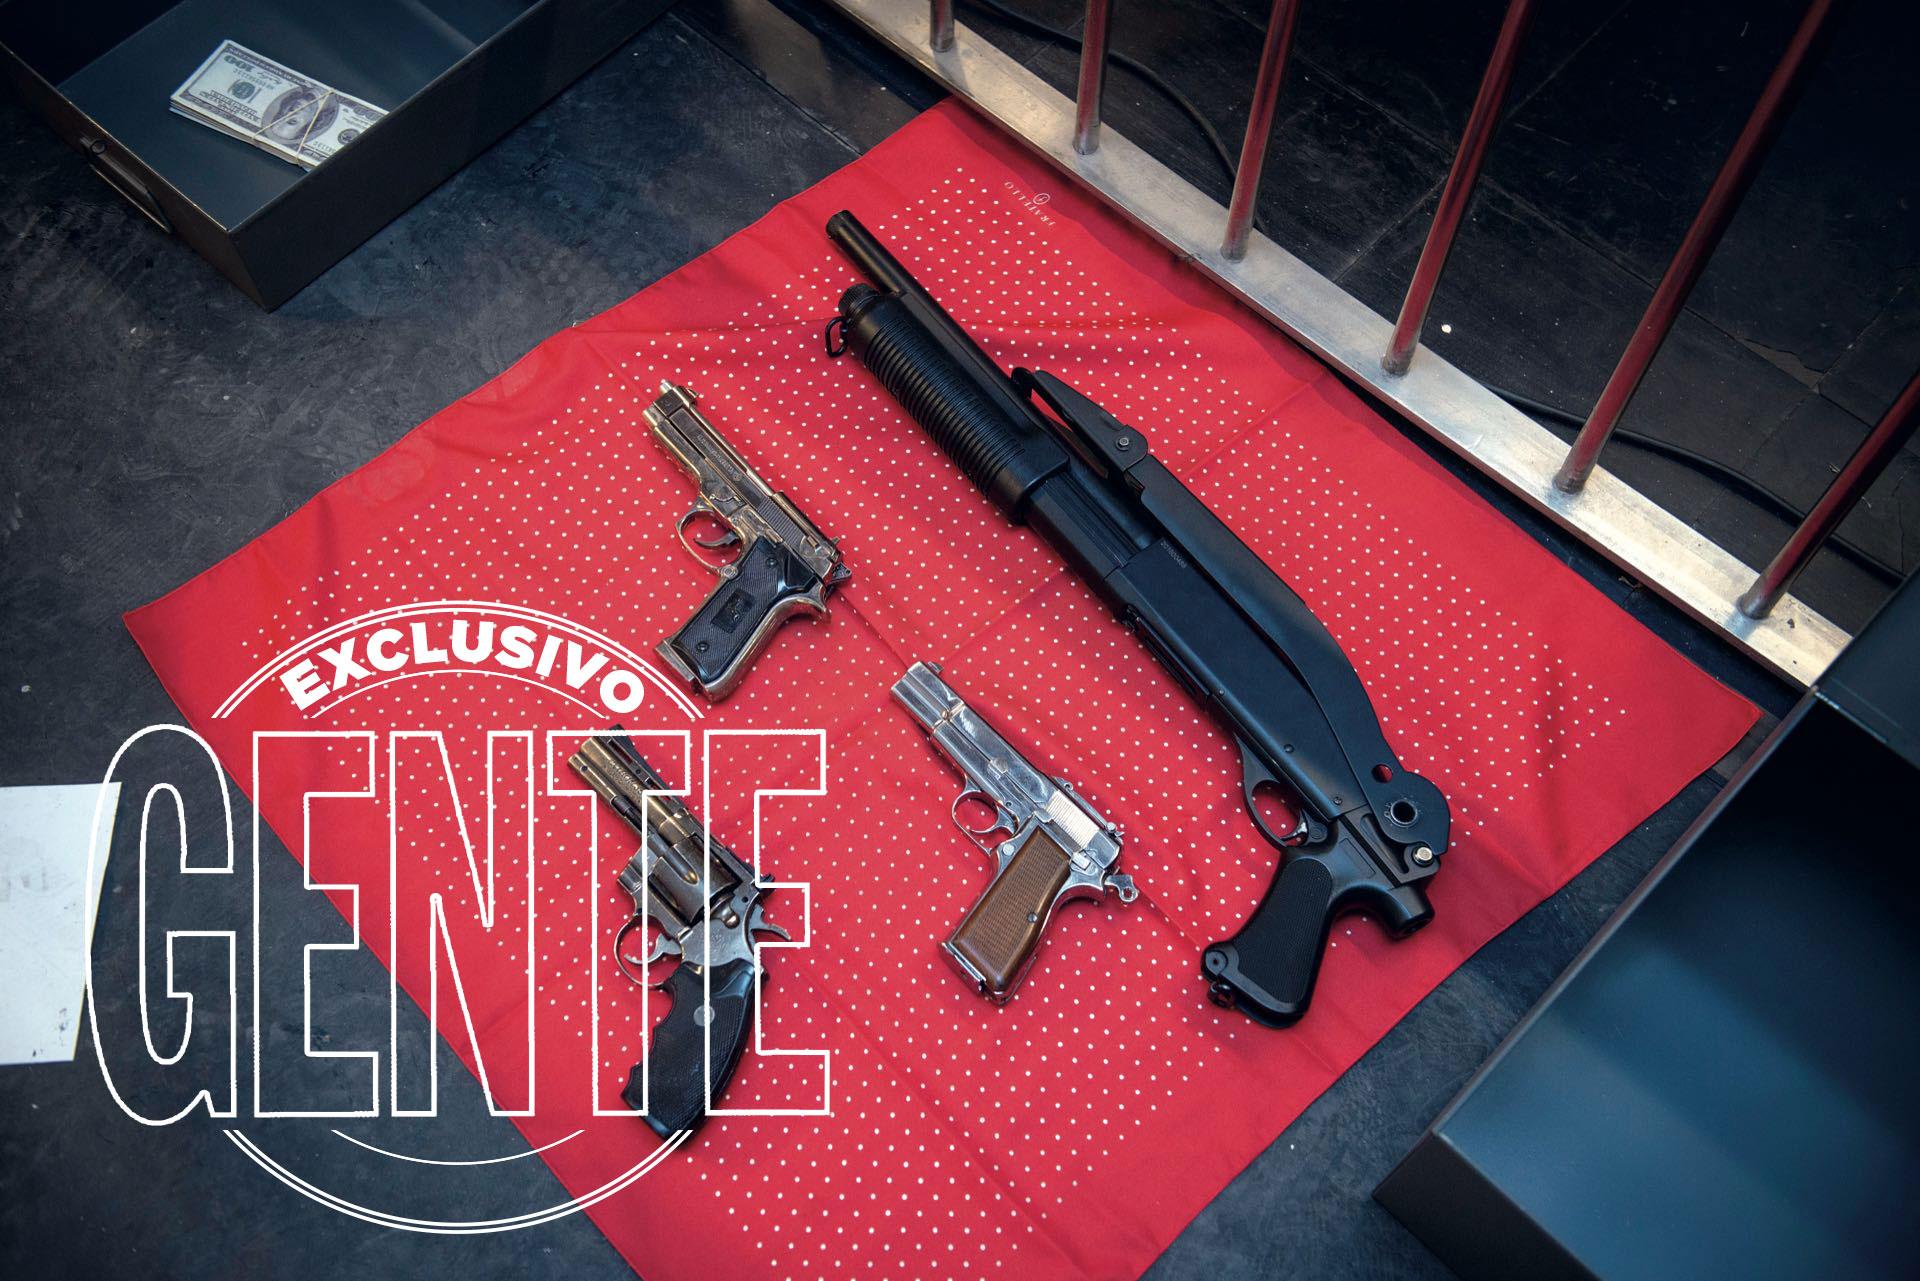 Armas de plástico similares a las utilizadas entonces.